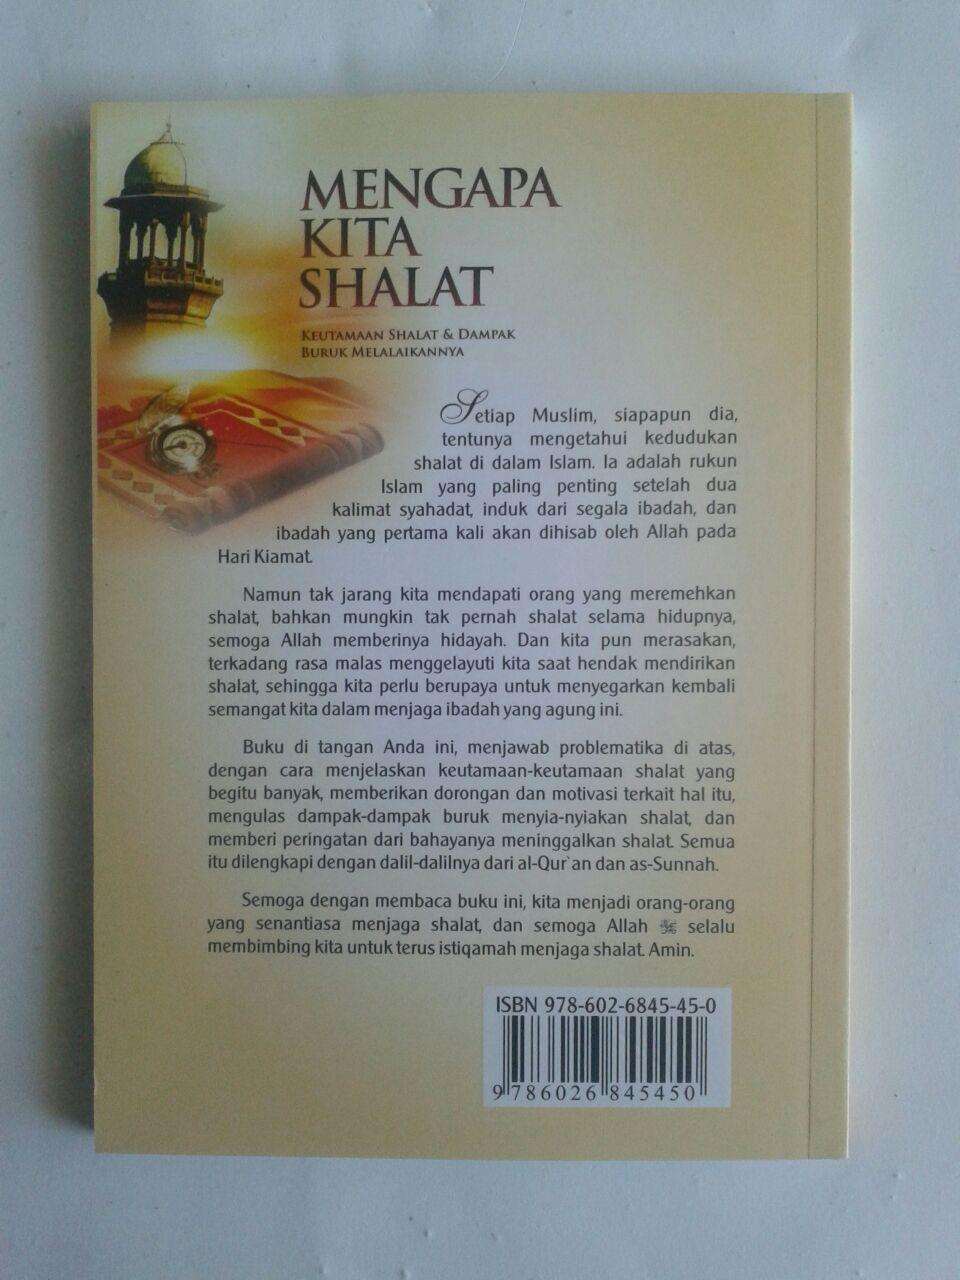 Buku Mengapa Kita Shalat Keutamaan Shalat Dan Dampak Buruk Melalaikannya cover